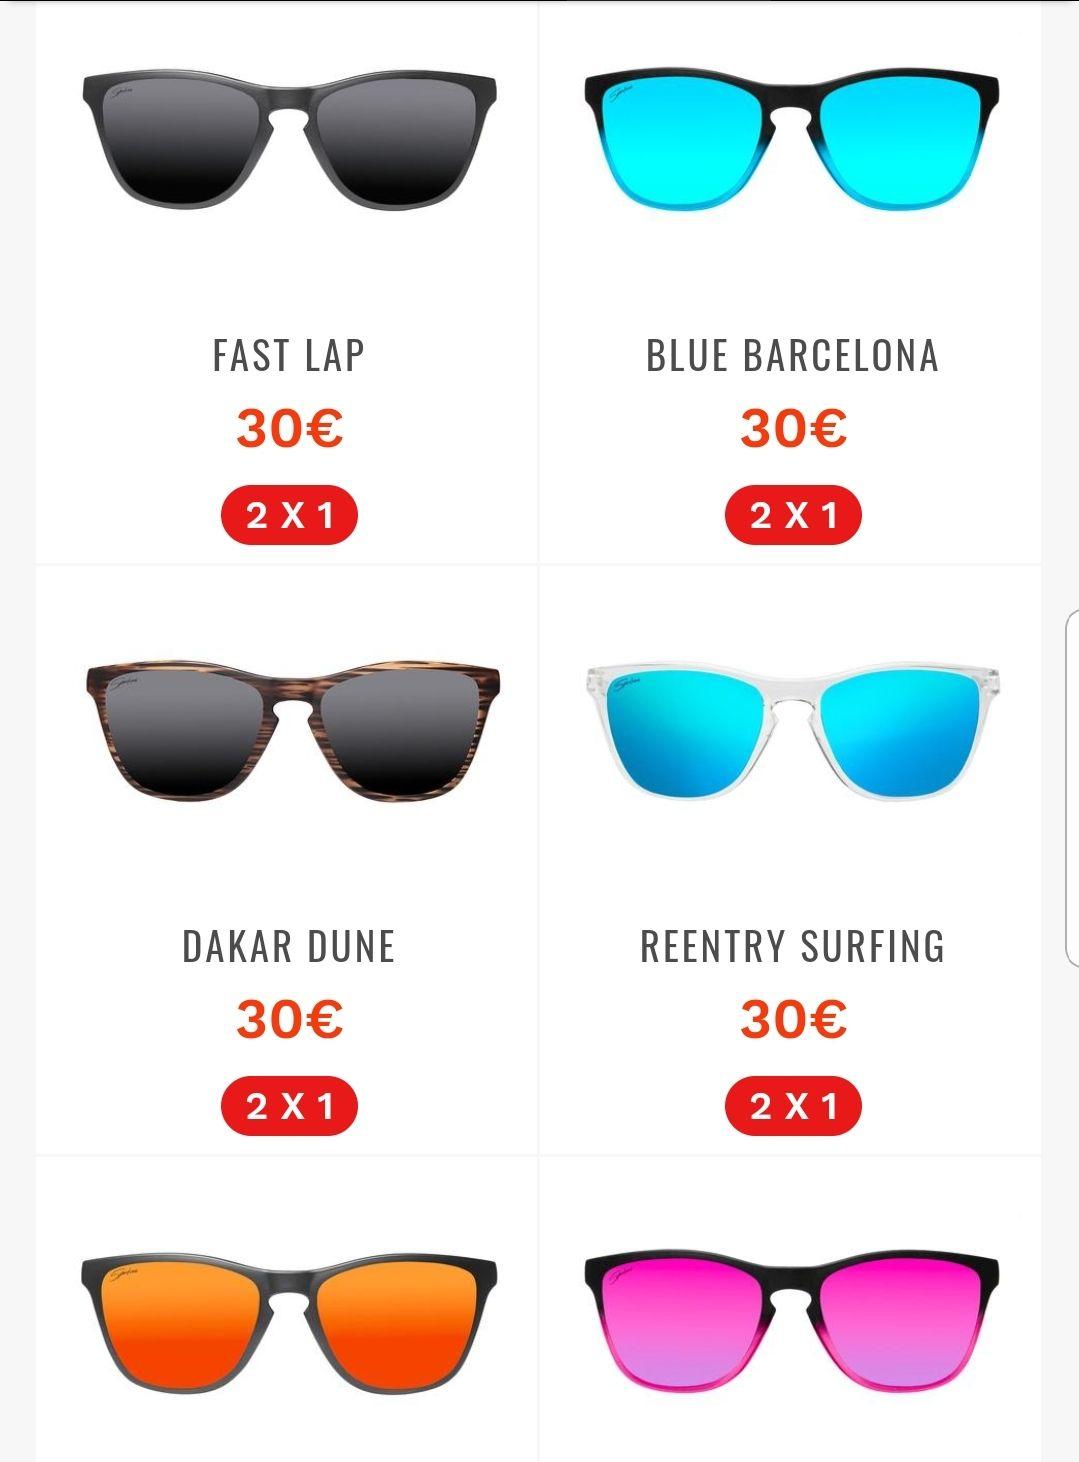 74186f8fc4 Gafas de sol. 2x1 - chollometro.com